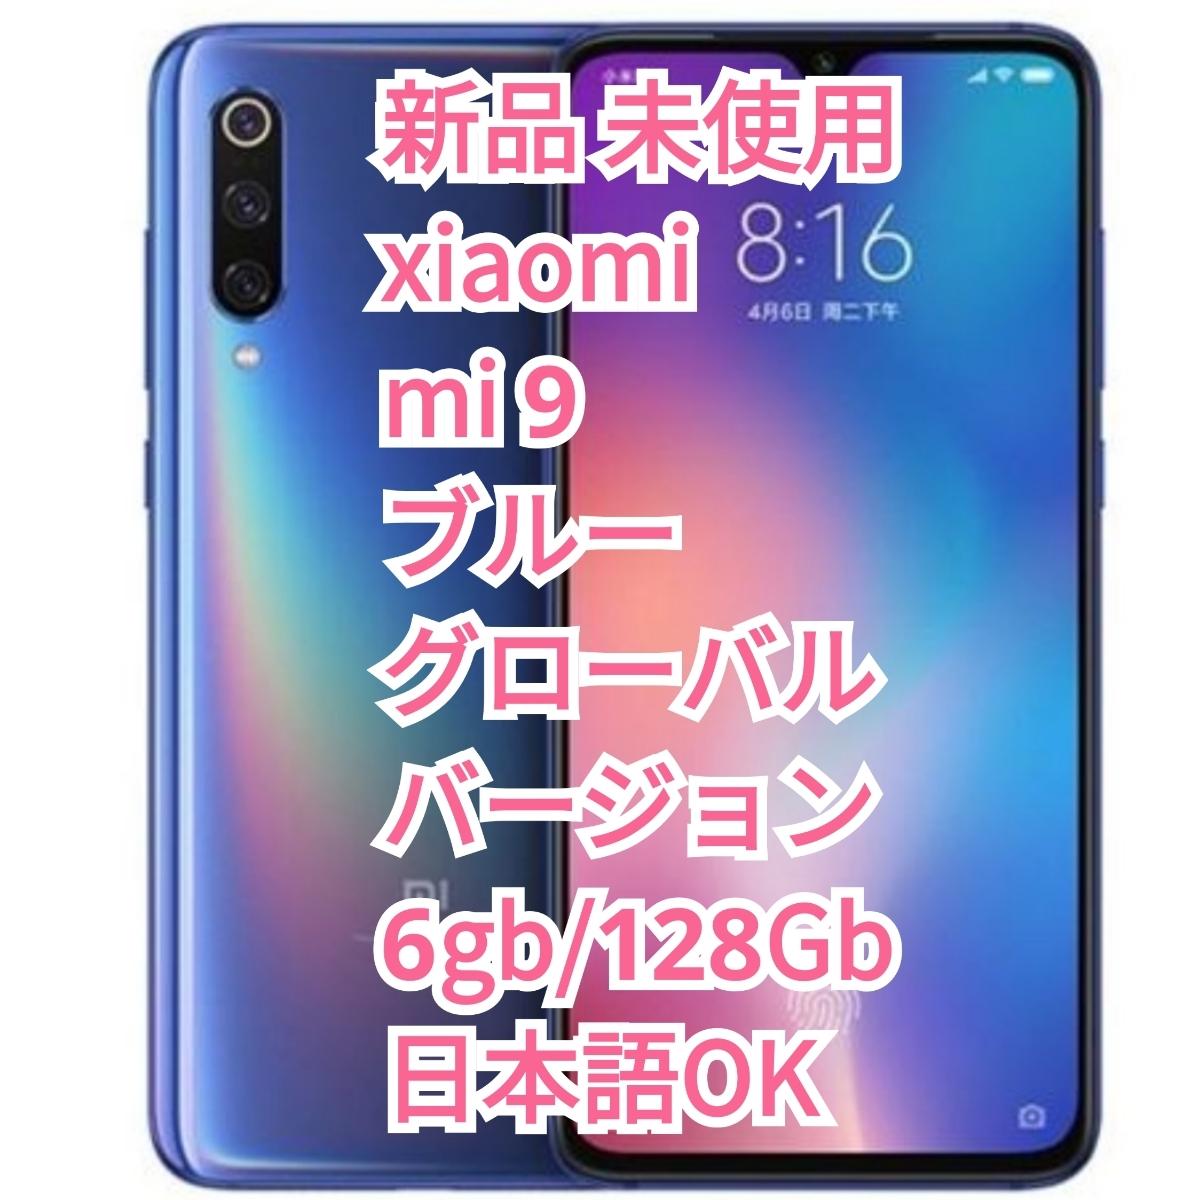 ★新品未使用★Xiaomi mi9 公式グローバルバージョン ブルー SIMフリー 日本語対応 ハイスペック Snapdragon 855 6GB/128GB_画像3